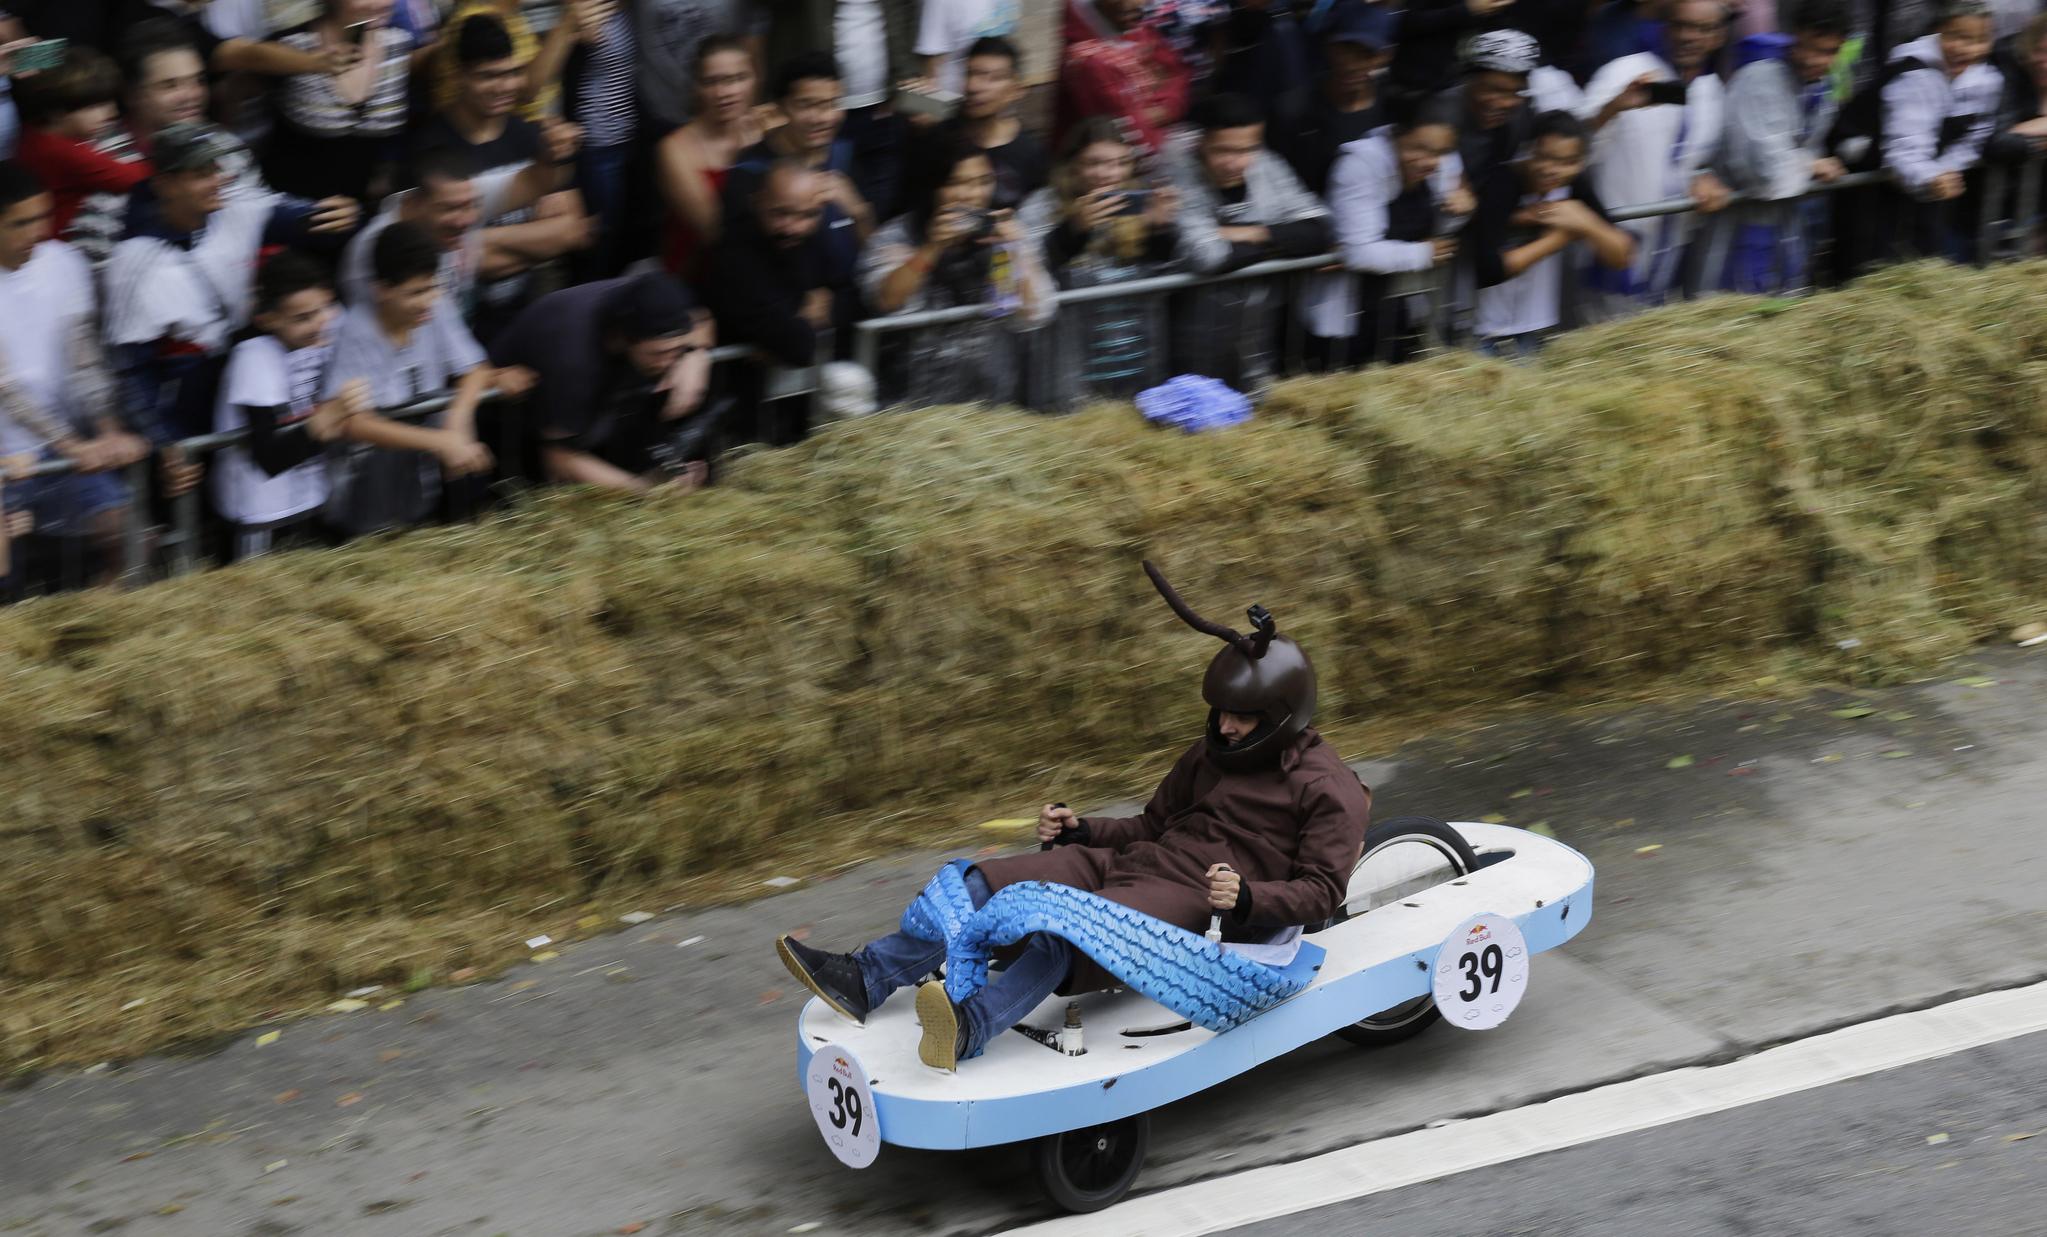 샌들 모양의 차를 탄 참가자가 14일(현지시간) 브라질 상파울루에서 열린 '레드불 소프박스 레이스'에서 질주하고 있다. [AP=연합뉴스